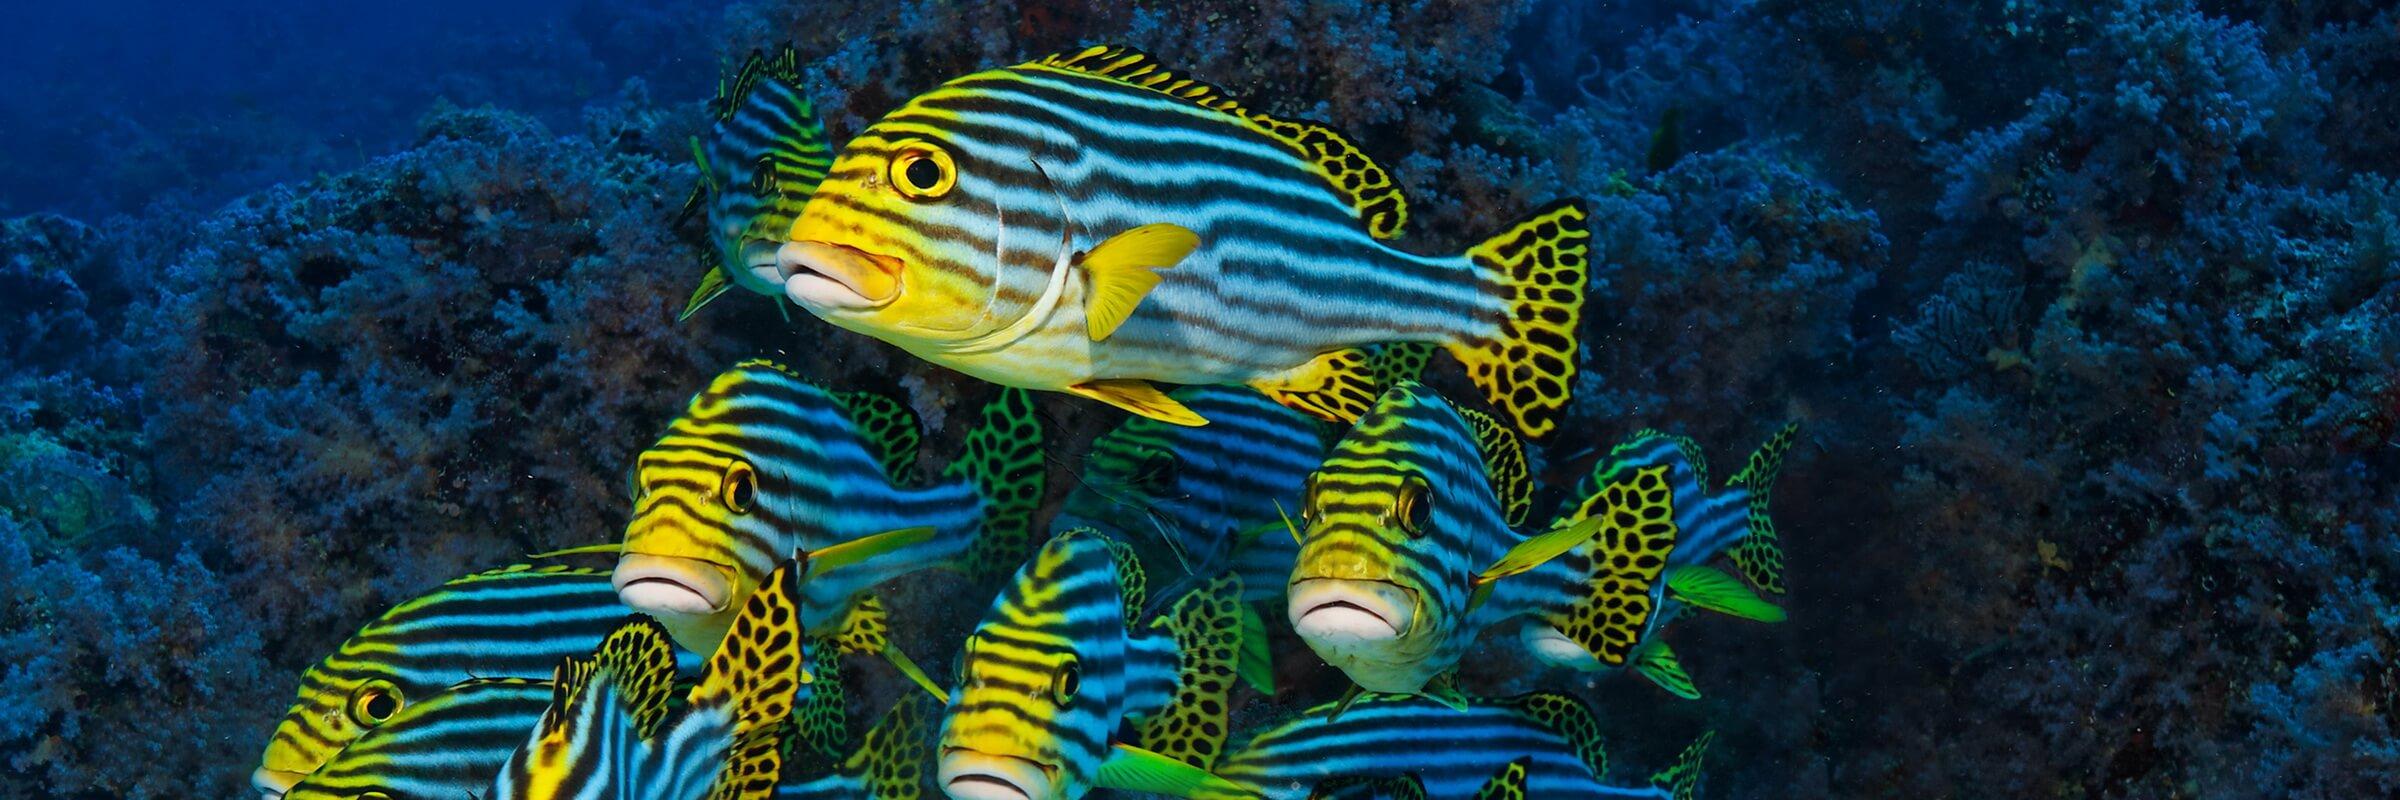 Lippfische sind meist sehr farbenfroh und die einzelnen Gattungen äußerst Vielfältig in Größe und Gestalt.